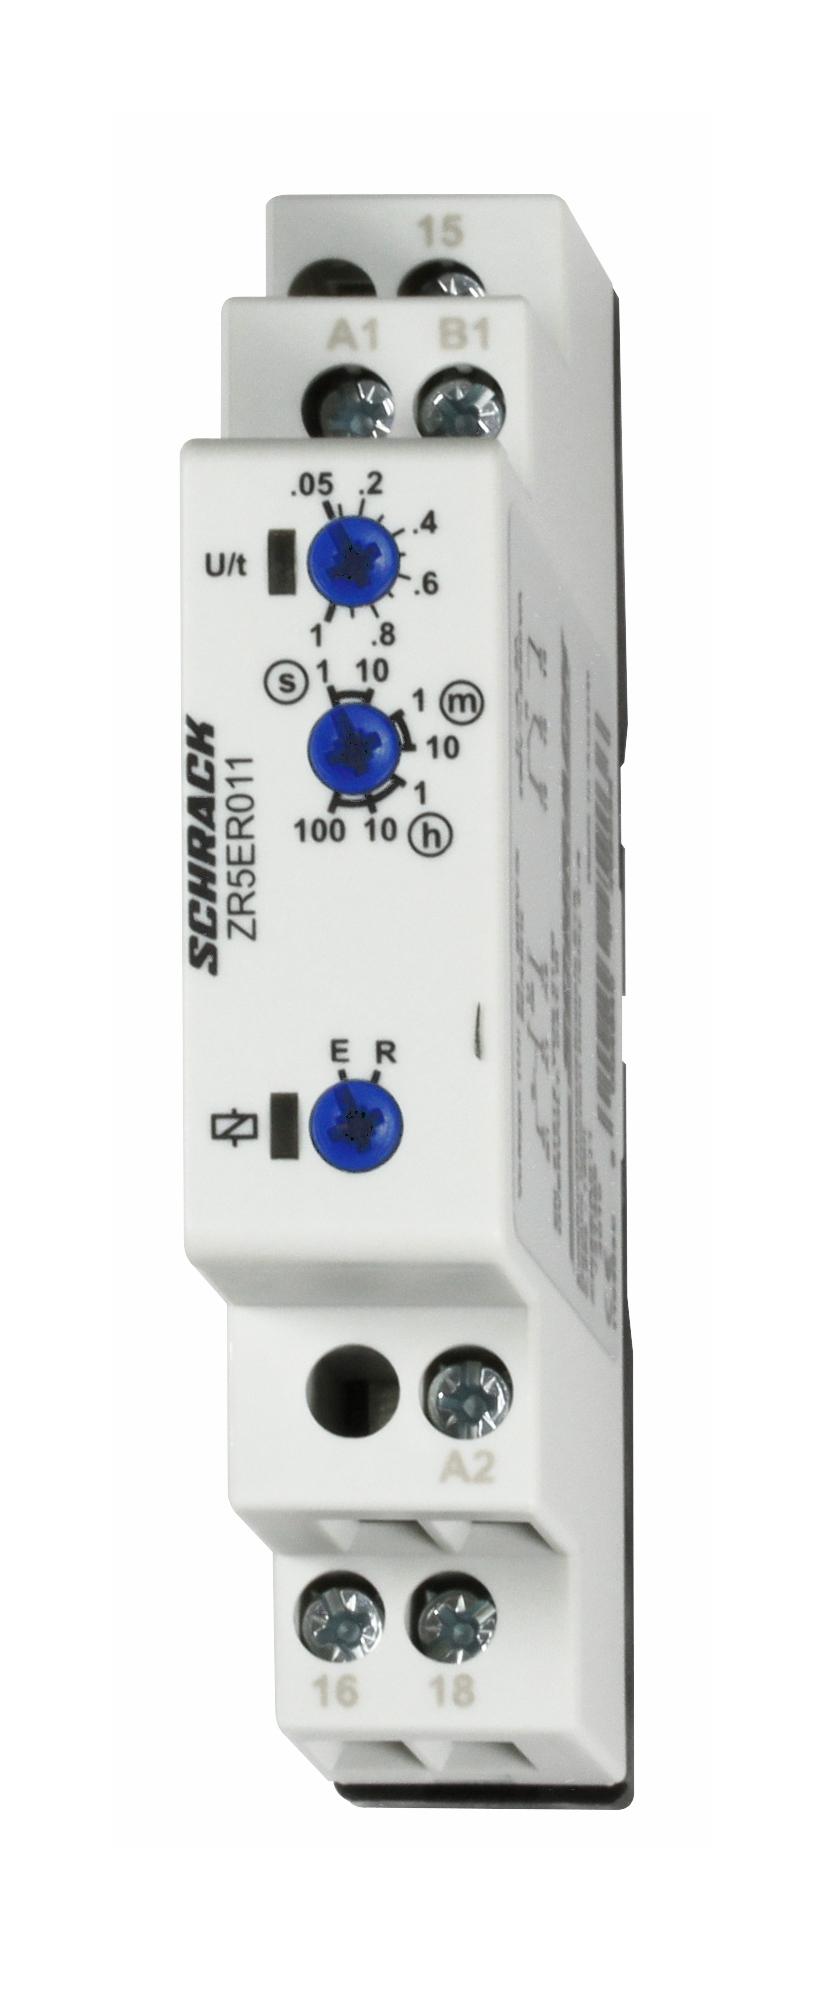 1 Stk Duofunktionsrelais esv./rfv.,24-240VAC/DC,1 Wechsler,8A/250V ZR5ER011--